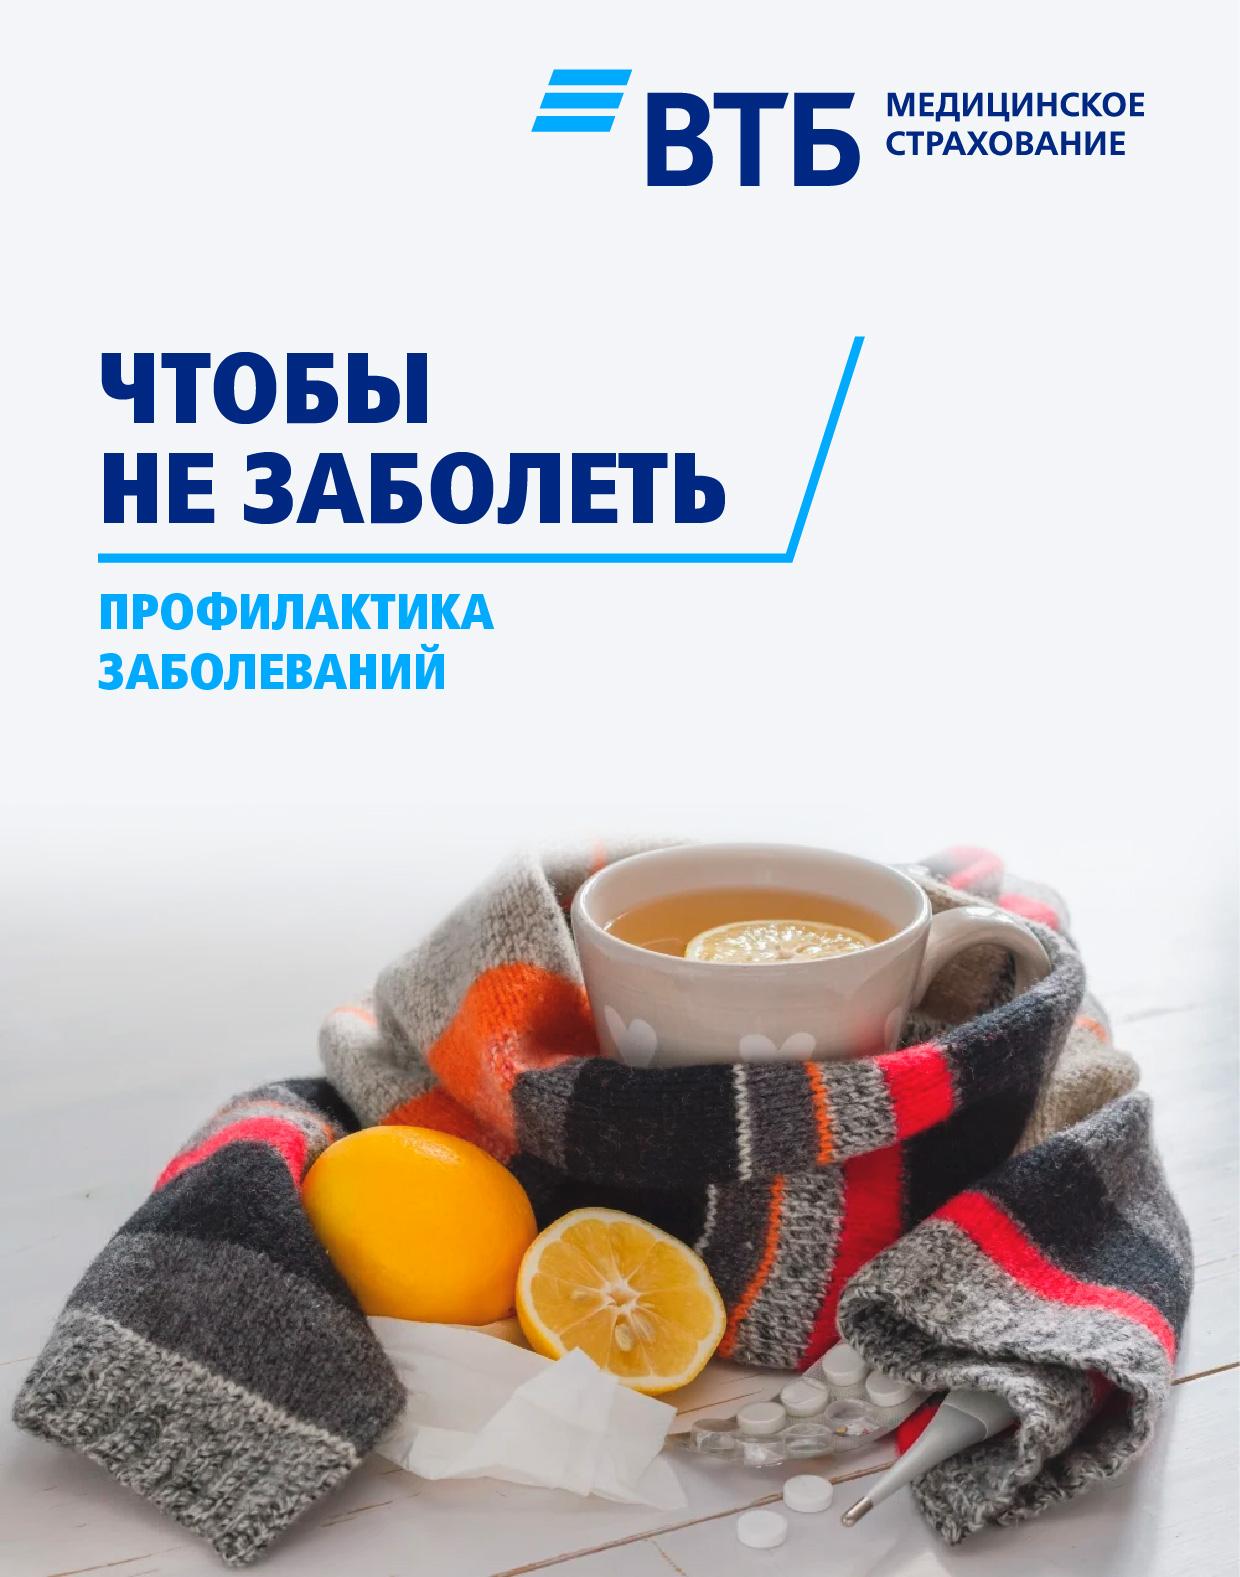 Профилактика – лучшая защита от простудных заболеваний